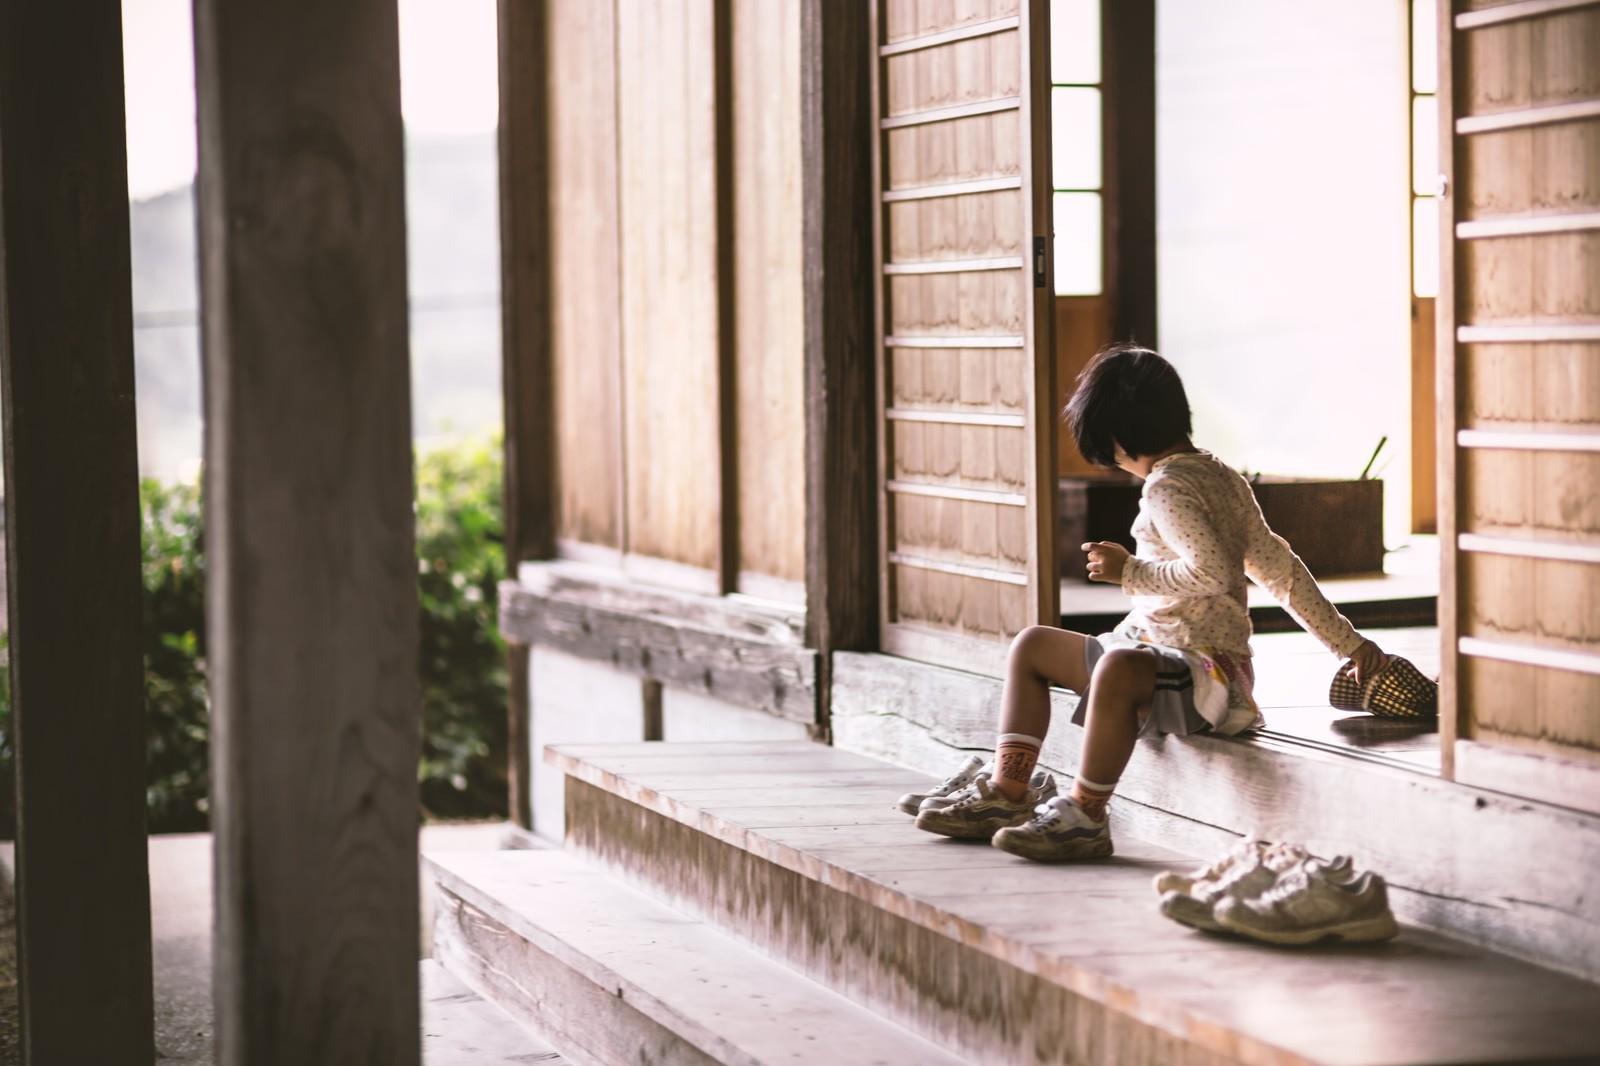 【土地探しの極意 Part5】子供がいる場合は学区を必ず確認しよう!まさか目の前の学校に通えないなんて事態も!?